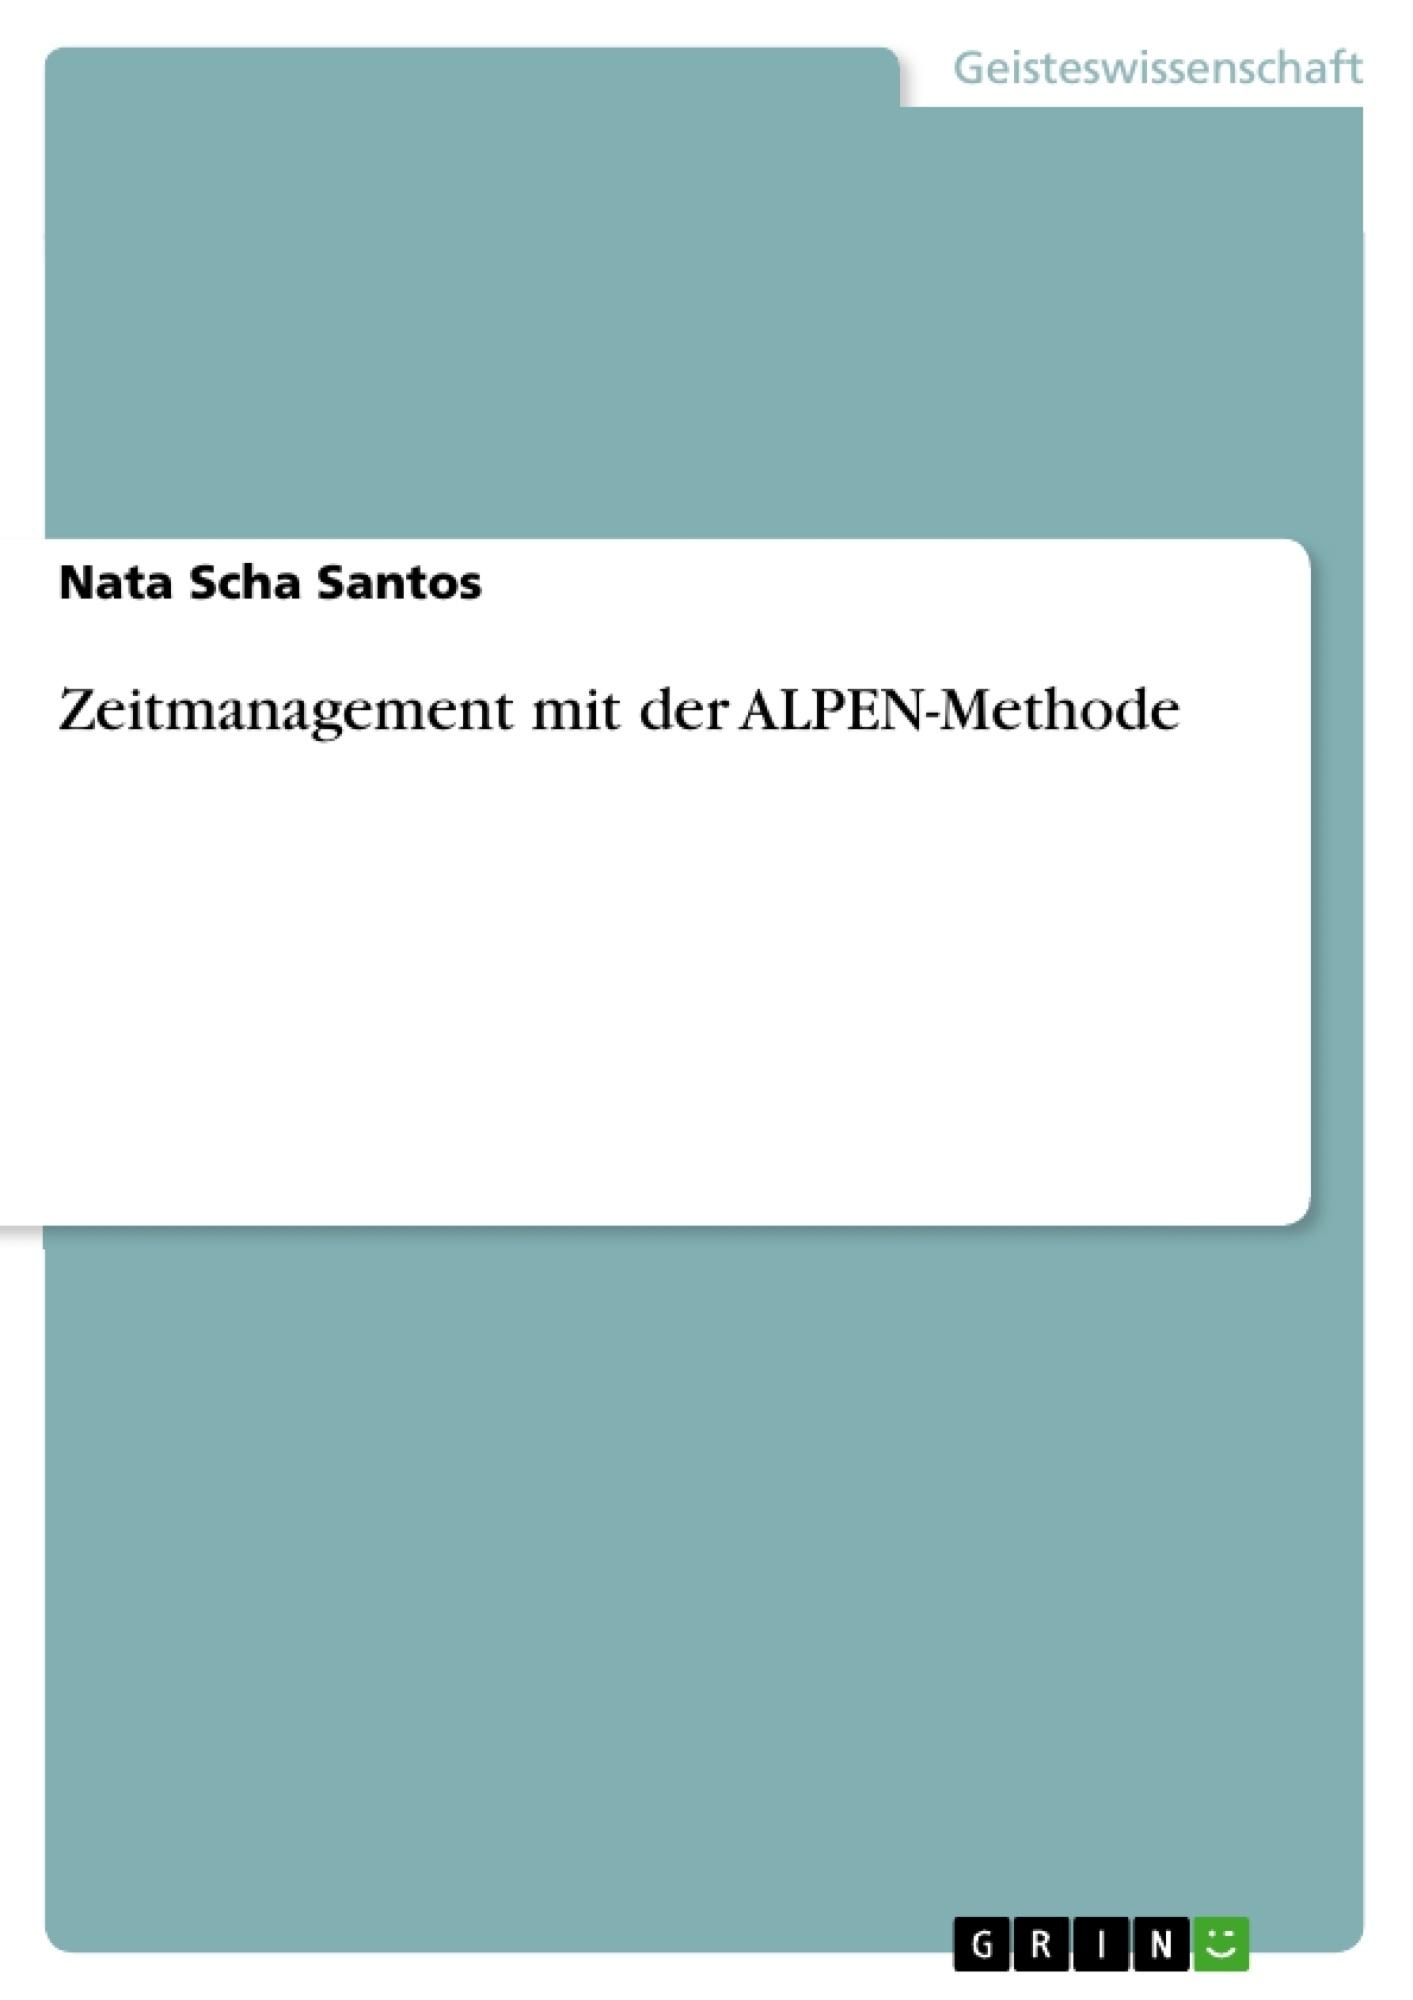 Titel: Zeitmanagement mit der ALPEN-Methode